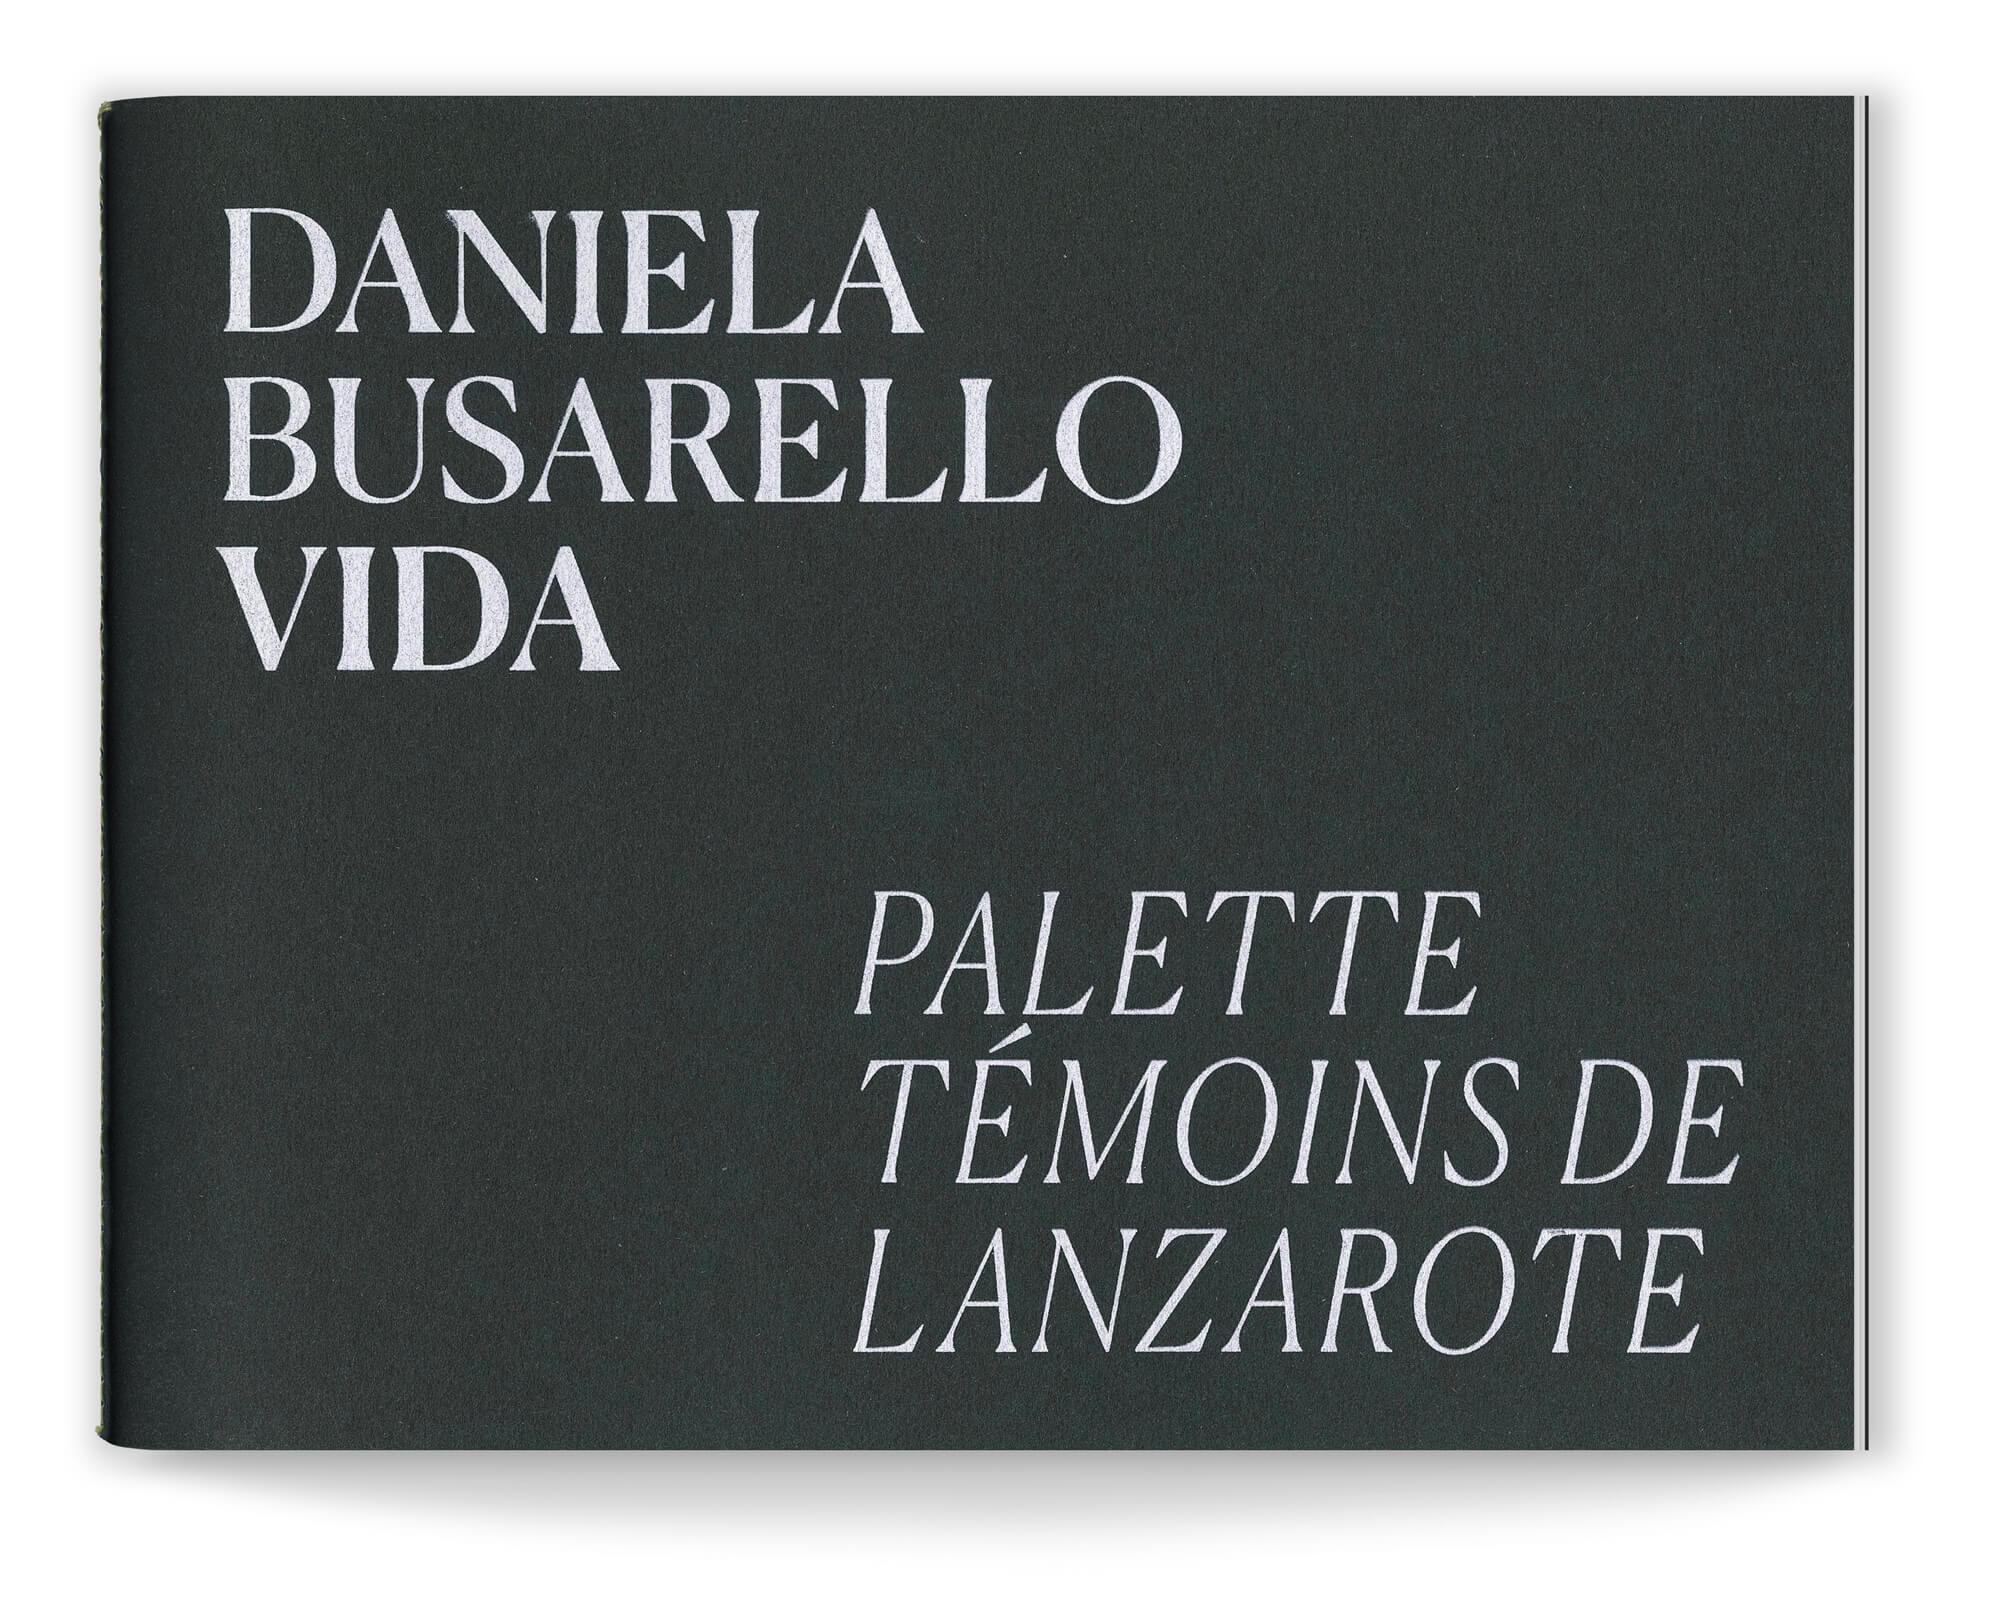 Livre d'artiste de Daniela Busarello Couverture du livret Palette témoins de Lanzarote, papier Materica Ardesia et sérigraphie blanche, design IchetKar